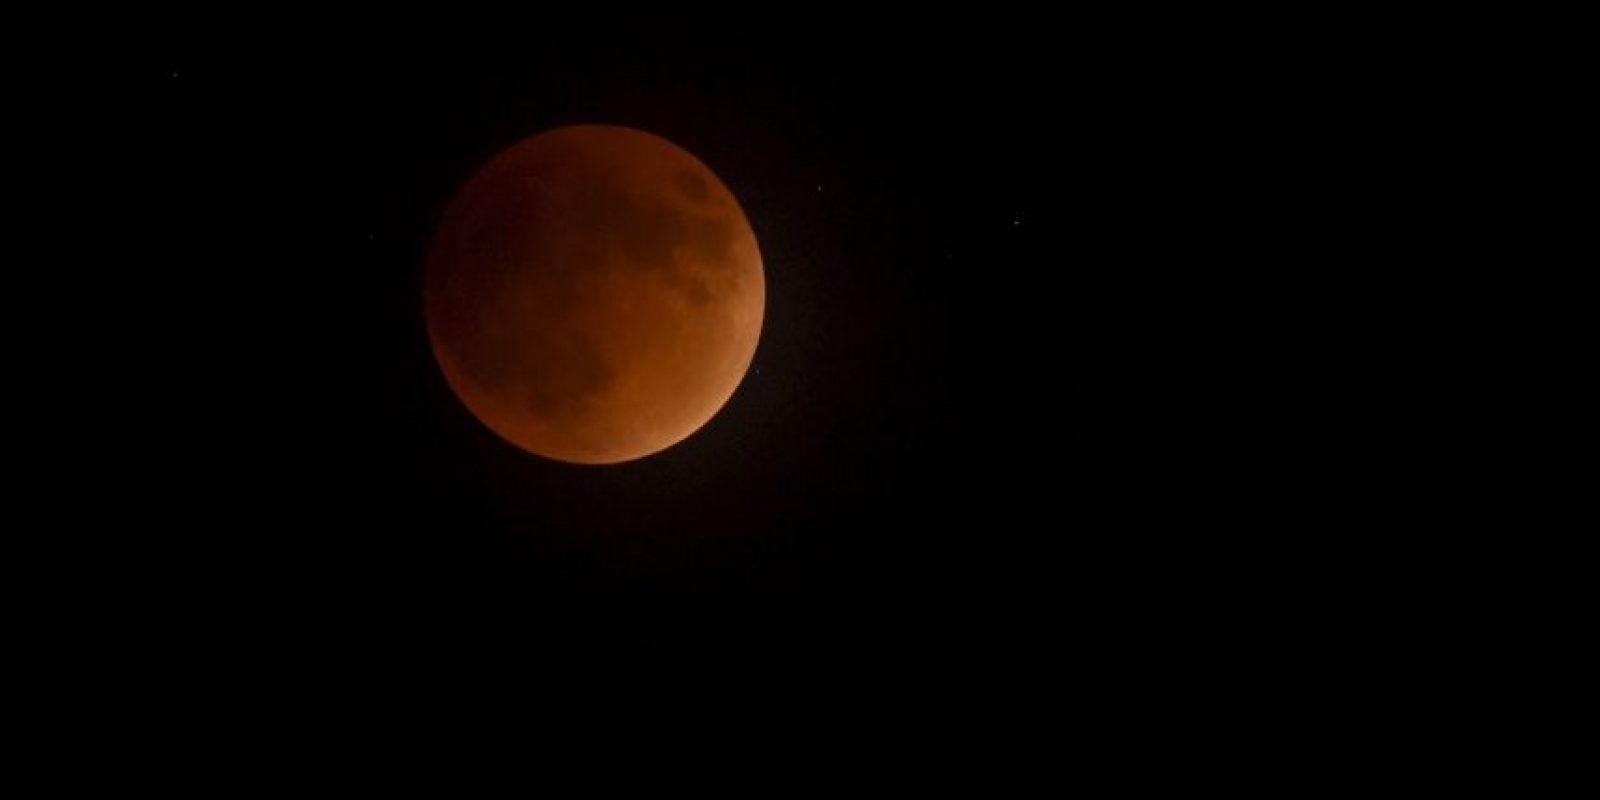 Este fenómeno astronómico ocurre cuando el sol, la tierra y la luna alinean sus trayectorias, y nuestro planeta queda en medio de los otros dos cuerpos celestes. Foto:Getty Images